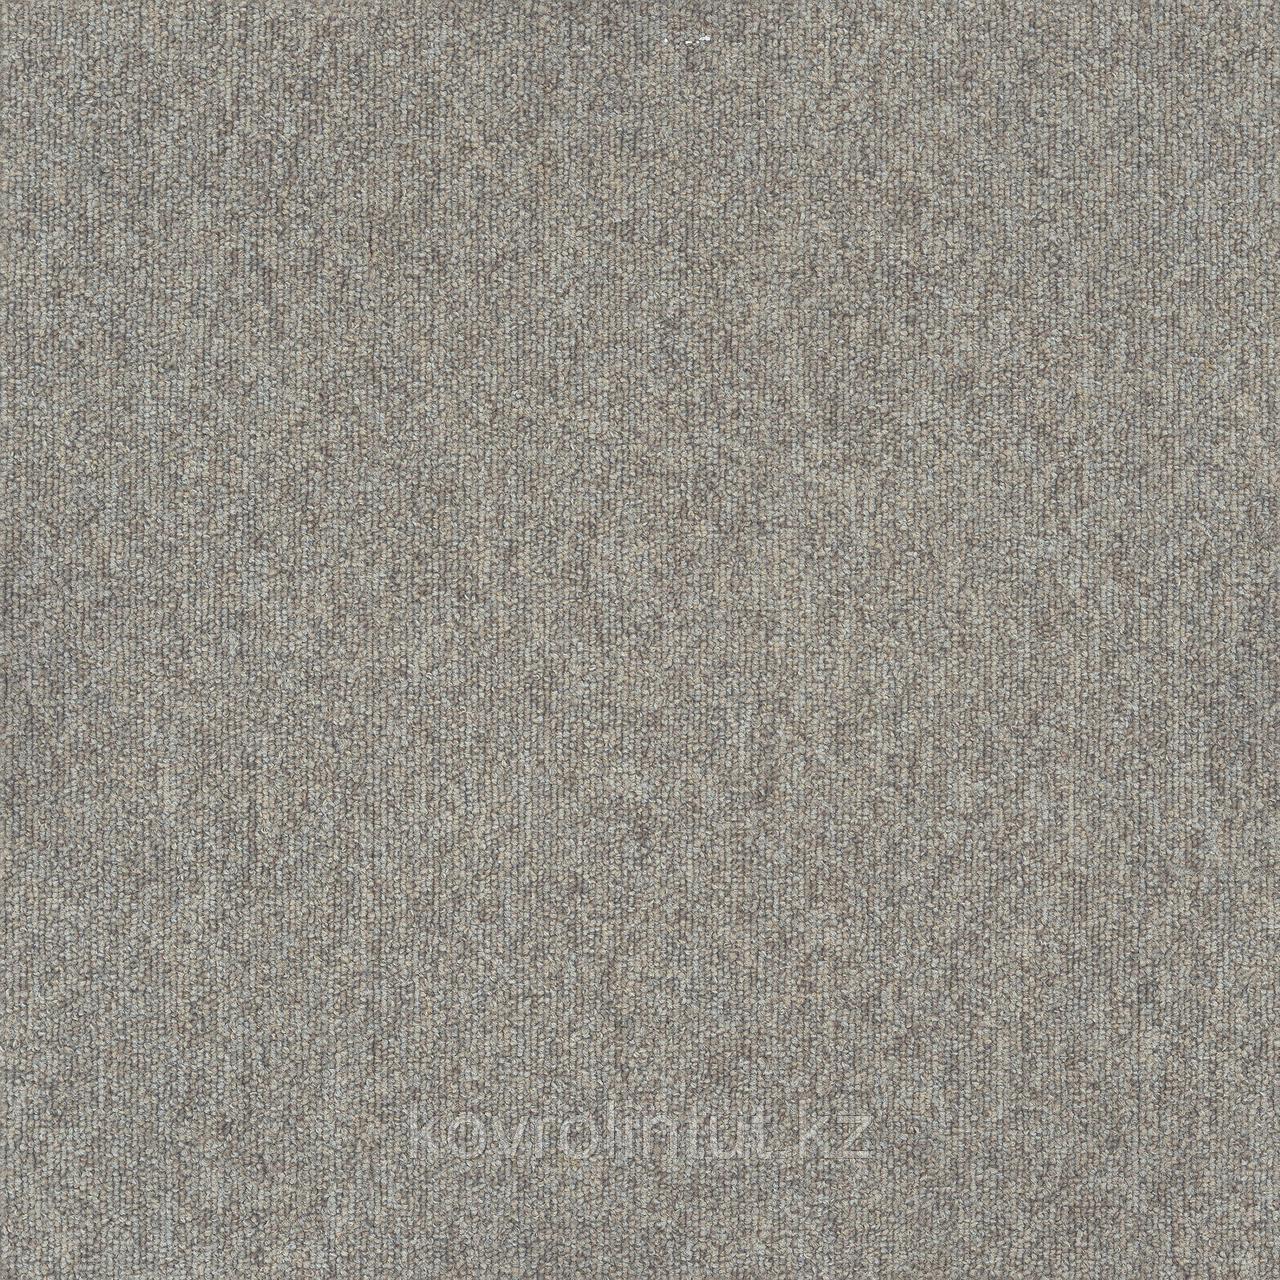 Ковровая плитка с КМ2 Galaxy Light Таркетт (Tarkett) 89286